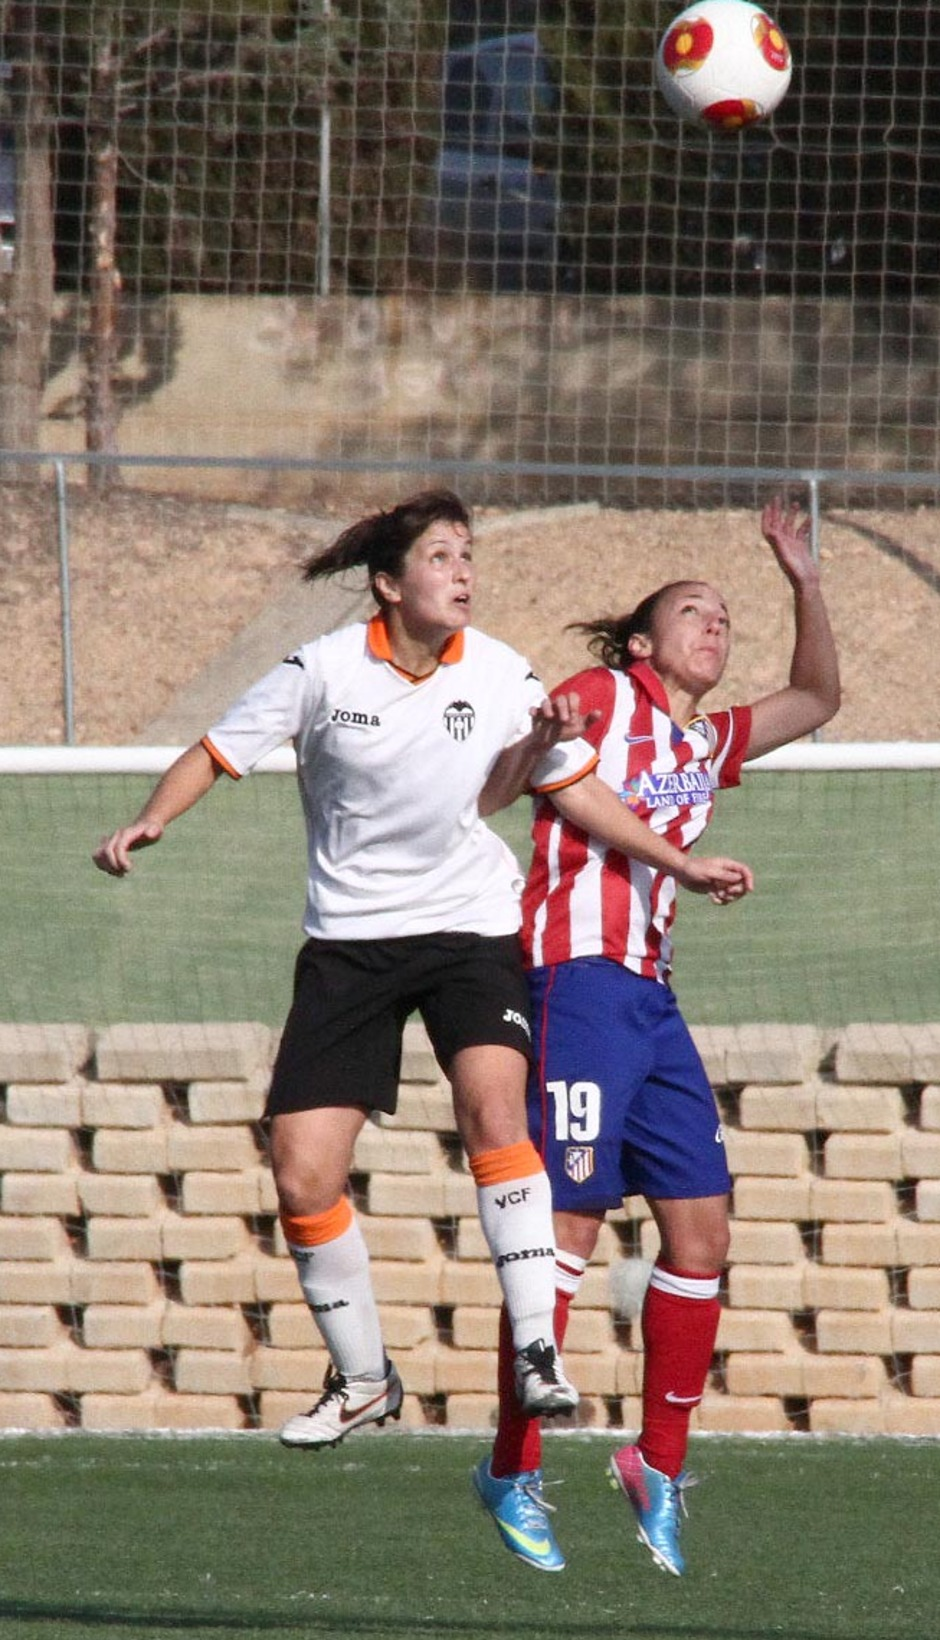 Temporada 2013-2014. Valencia-Atlético de Madrid Féminas